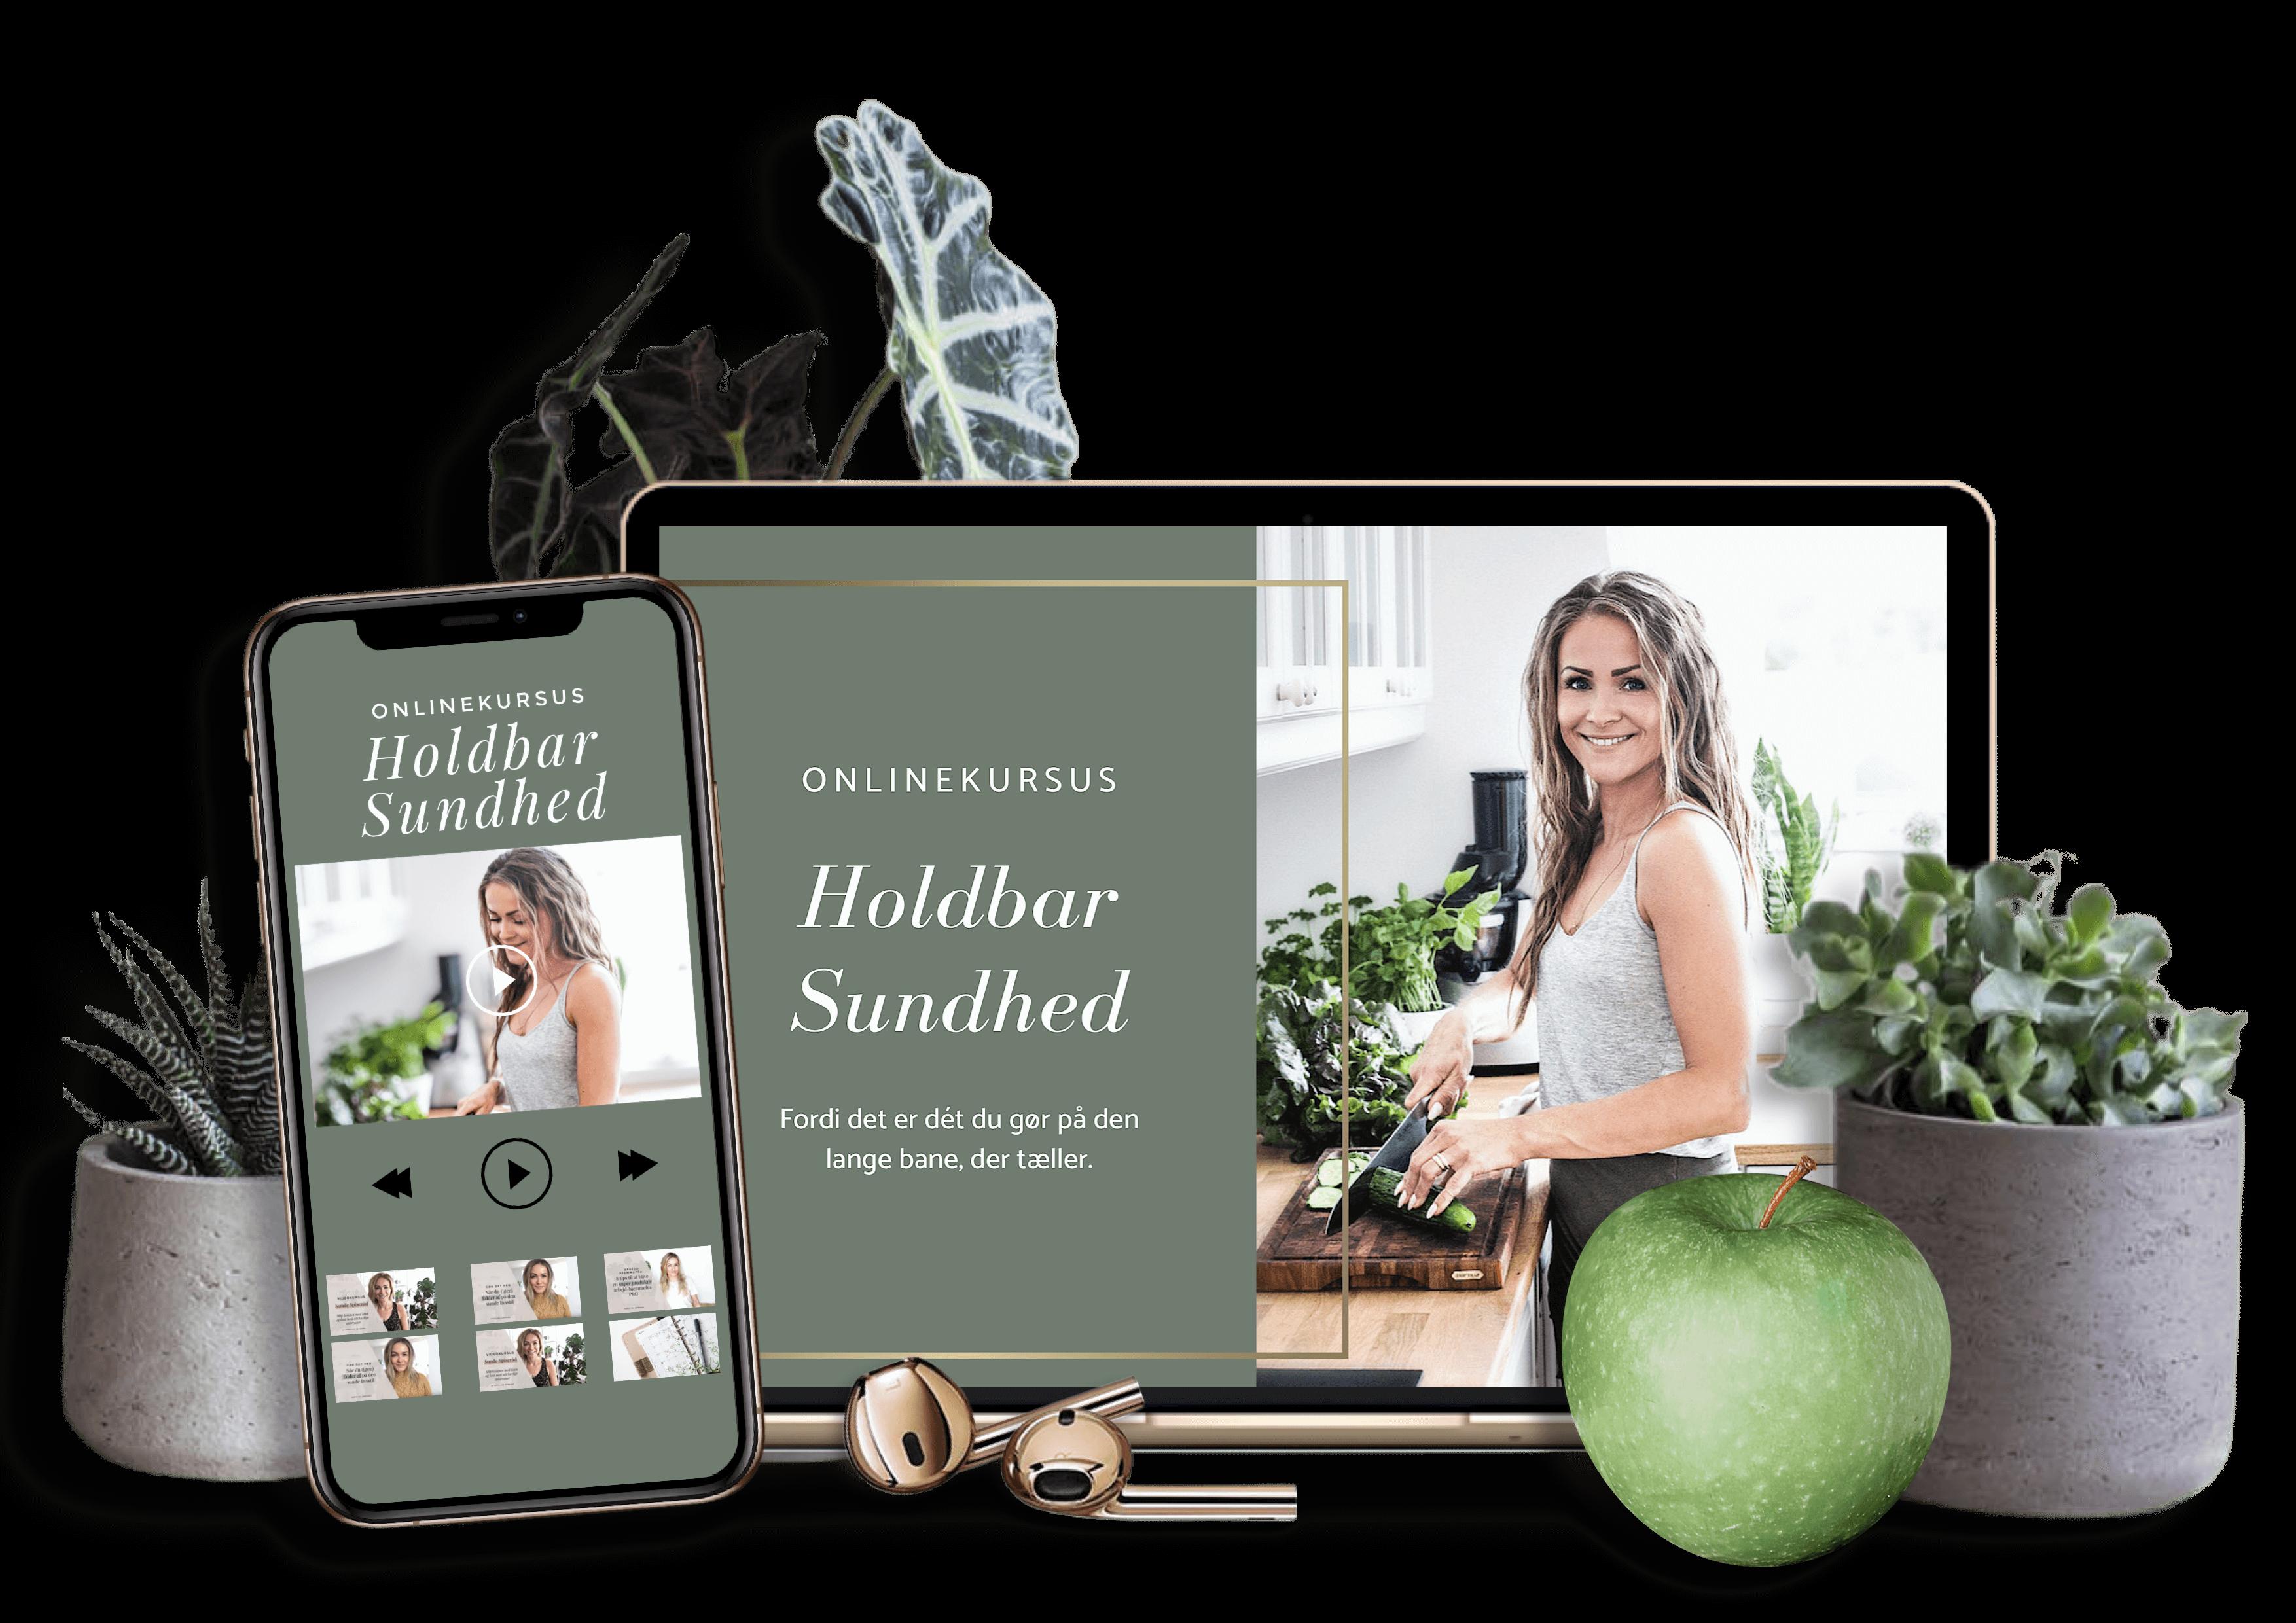 Selvkærlig Sundhed - Onlinekursus Holdbar Sundhed af Karolina Kærsner